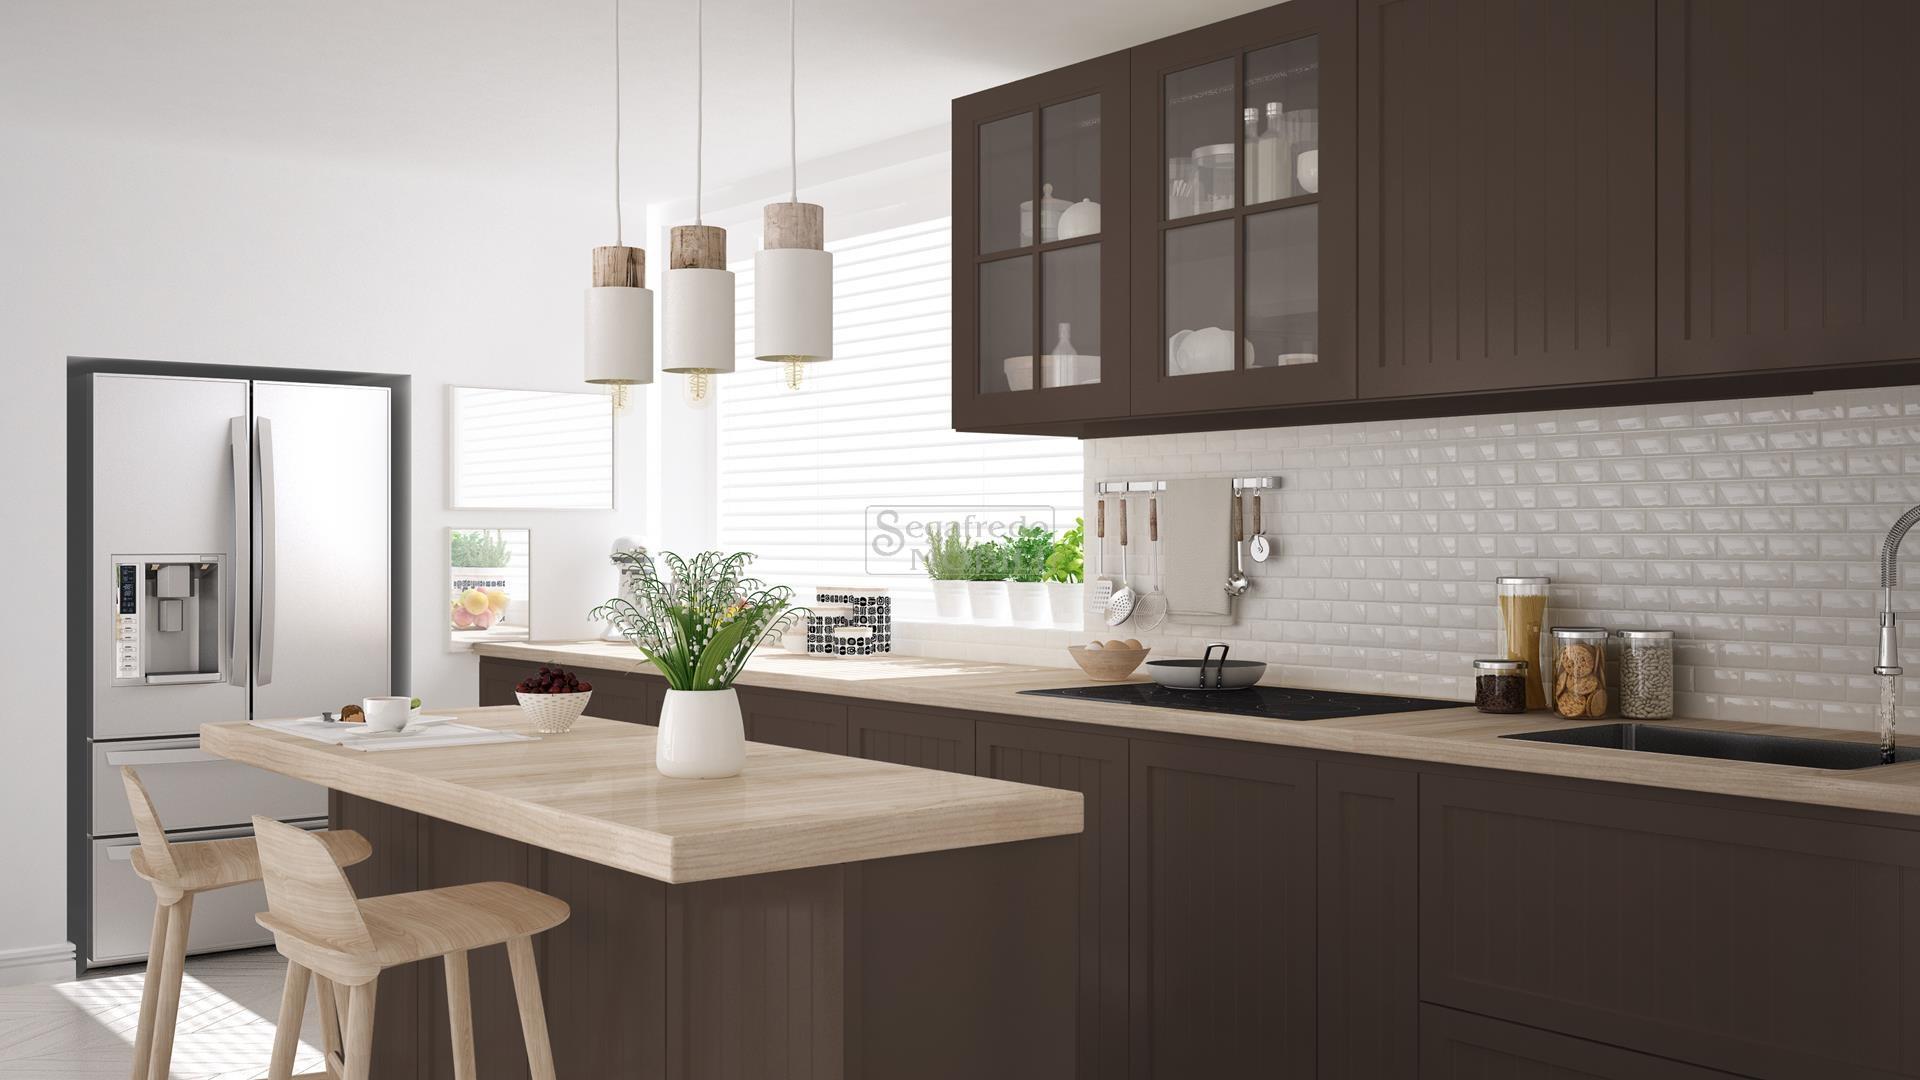 Pulizia Mobili Cucina Legno : Cucina con isola in legno laccato mobilificio segafredo mobili